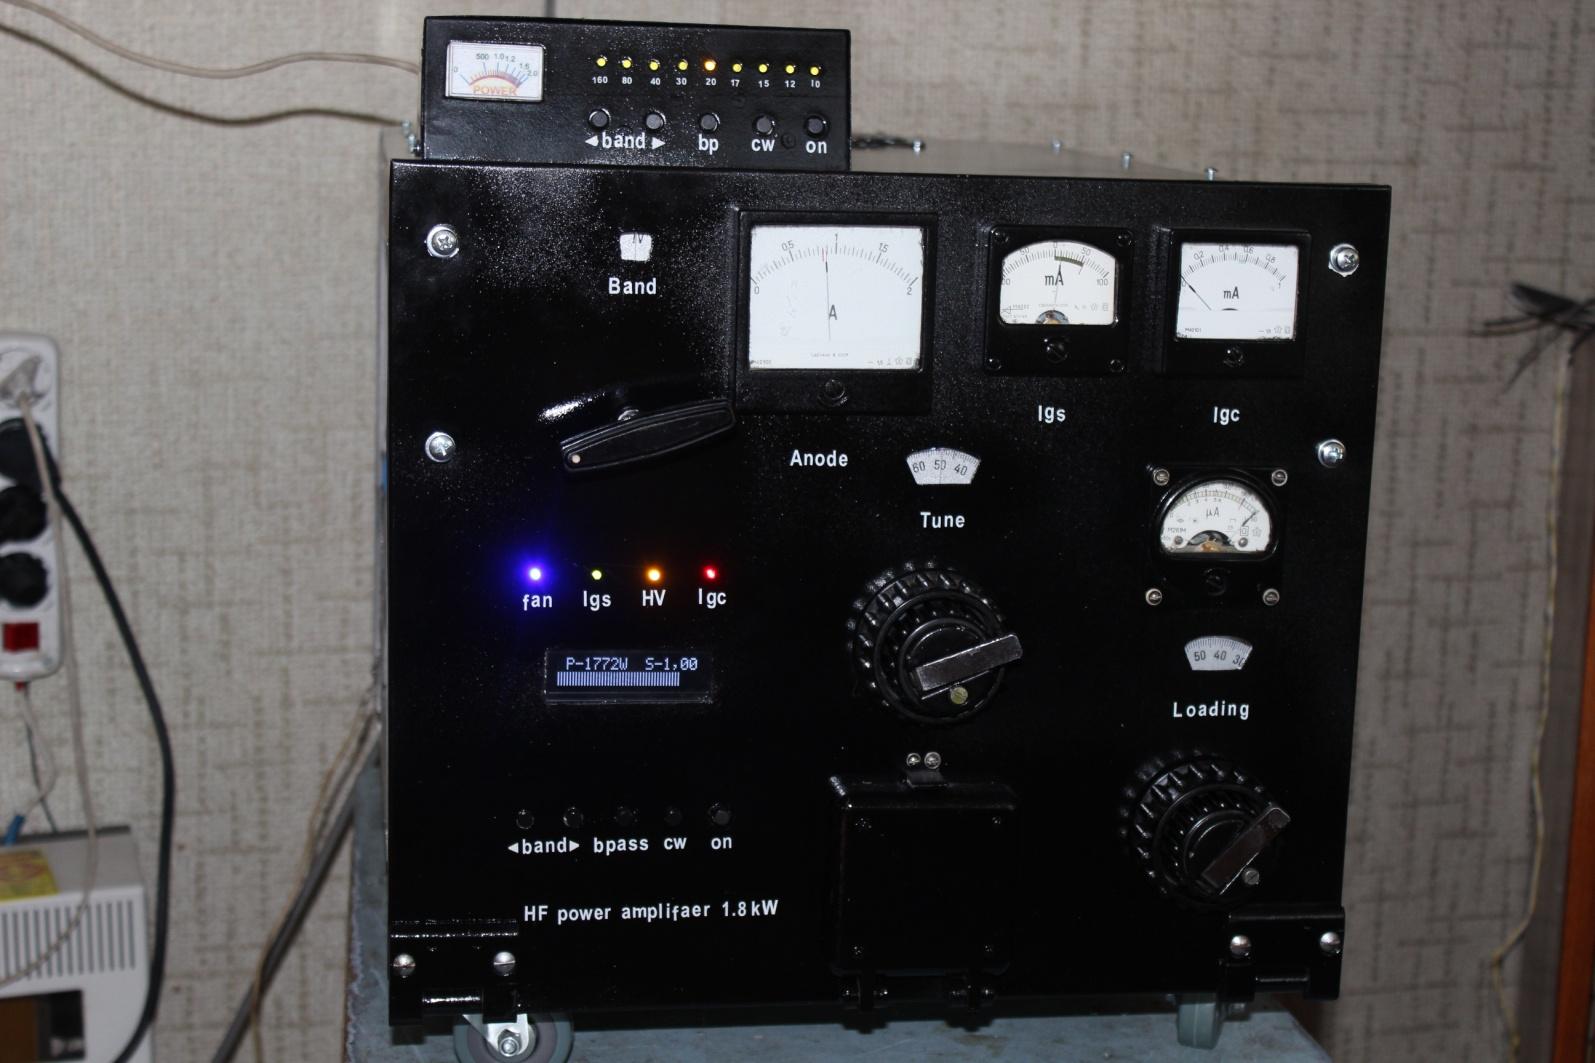 Но в радиолюбительской литературе не встречаются описания по переделке радиоприемника в трансивер или